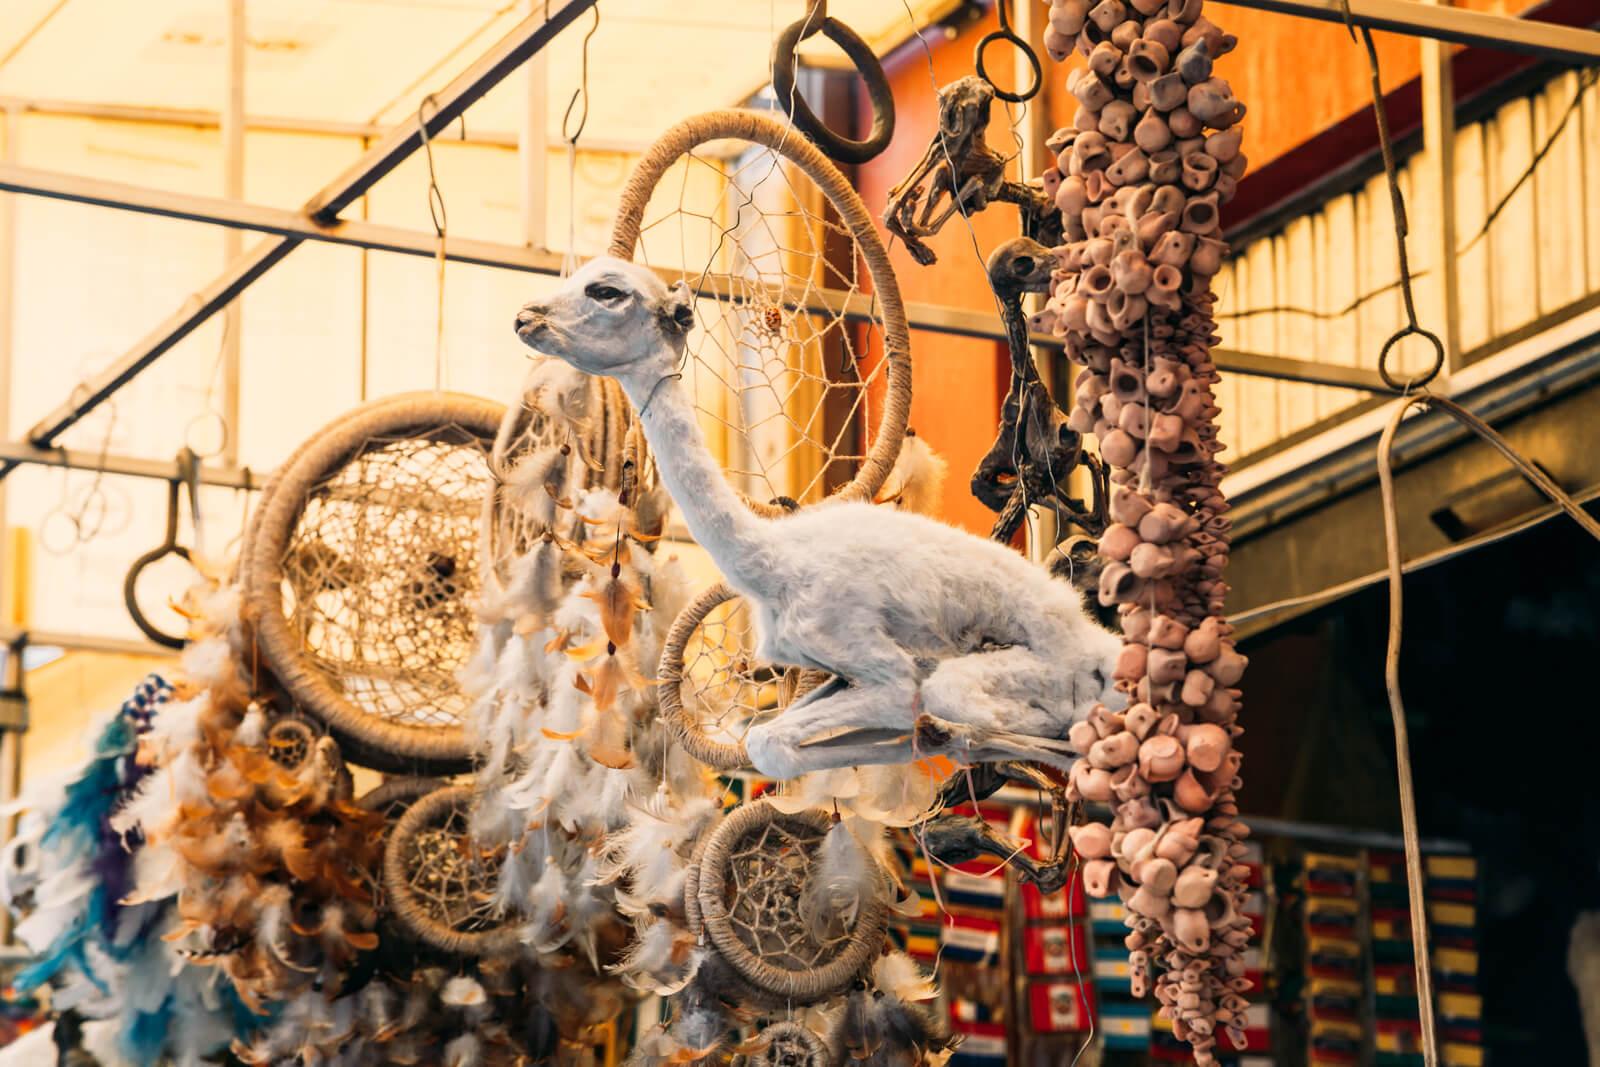 Mercado das Bruxas de La Paz - feto de lhama para oferenda